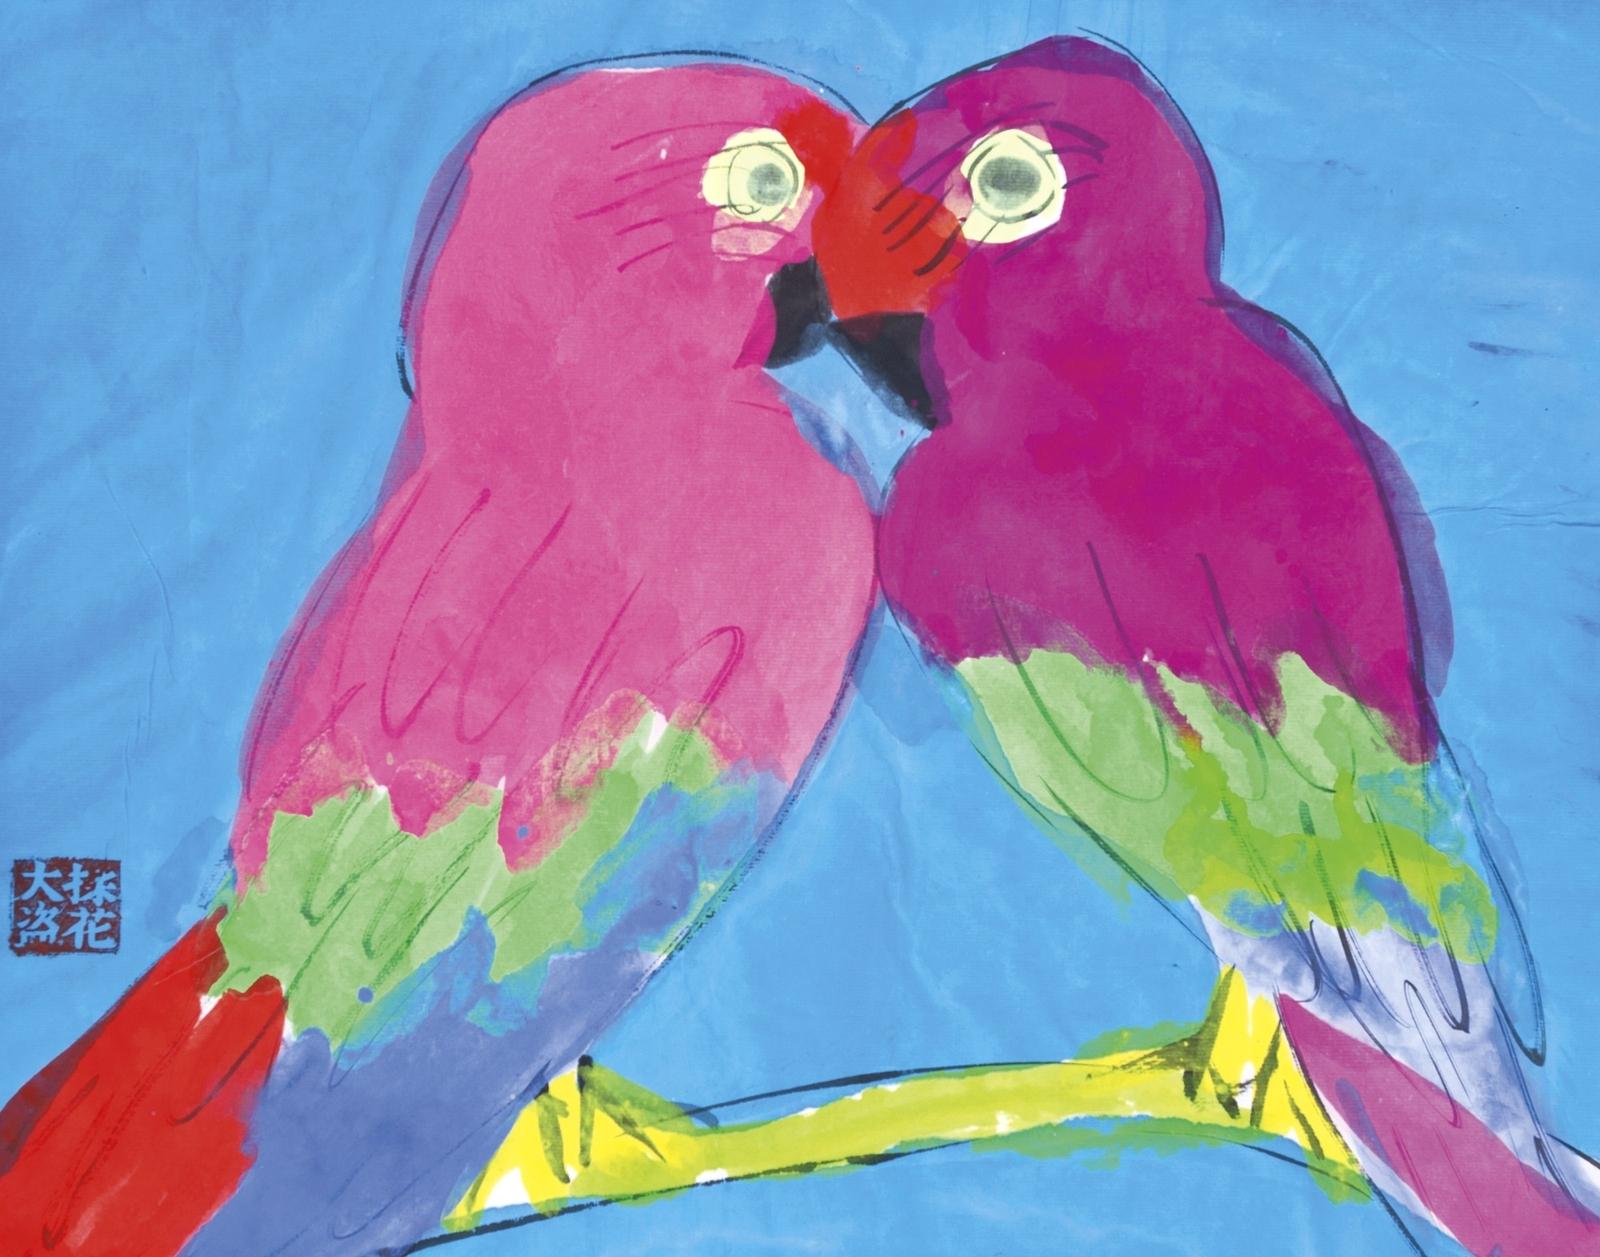 Два попугая (Two Parrots)_45 х 57_бумага, акрил_Частное собрание.jpg